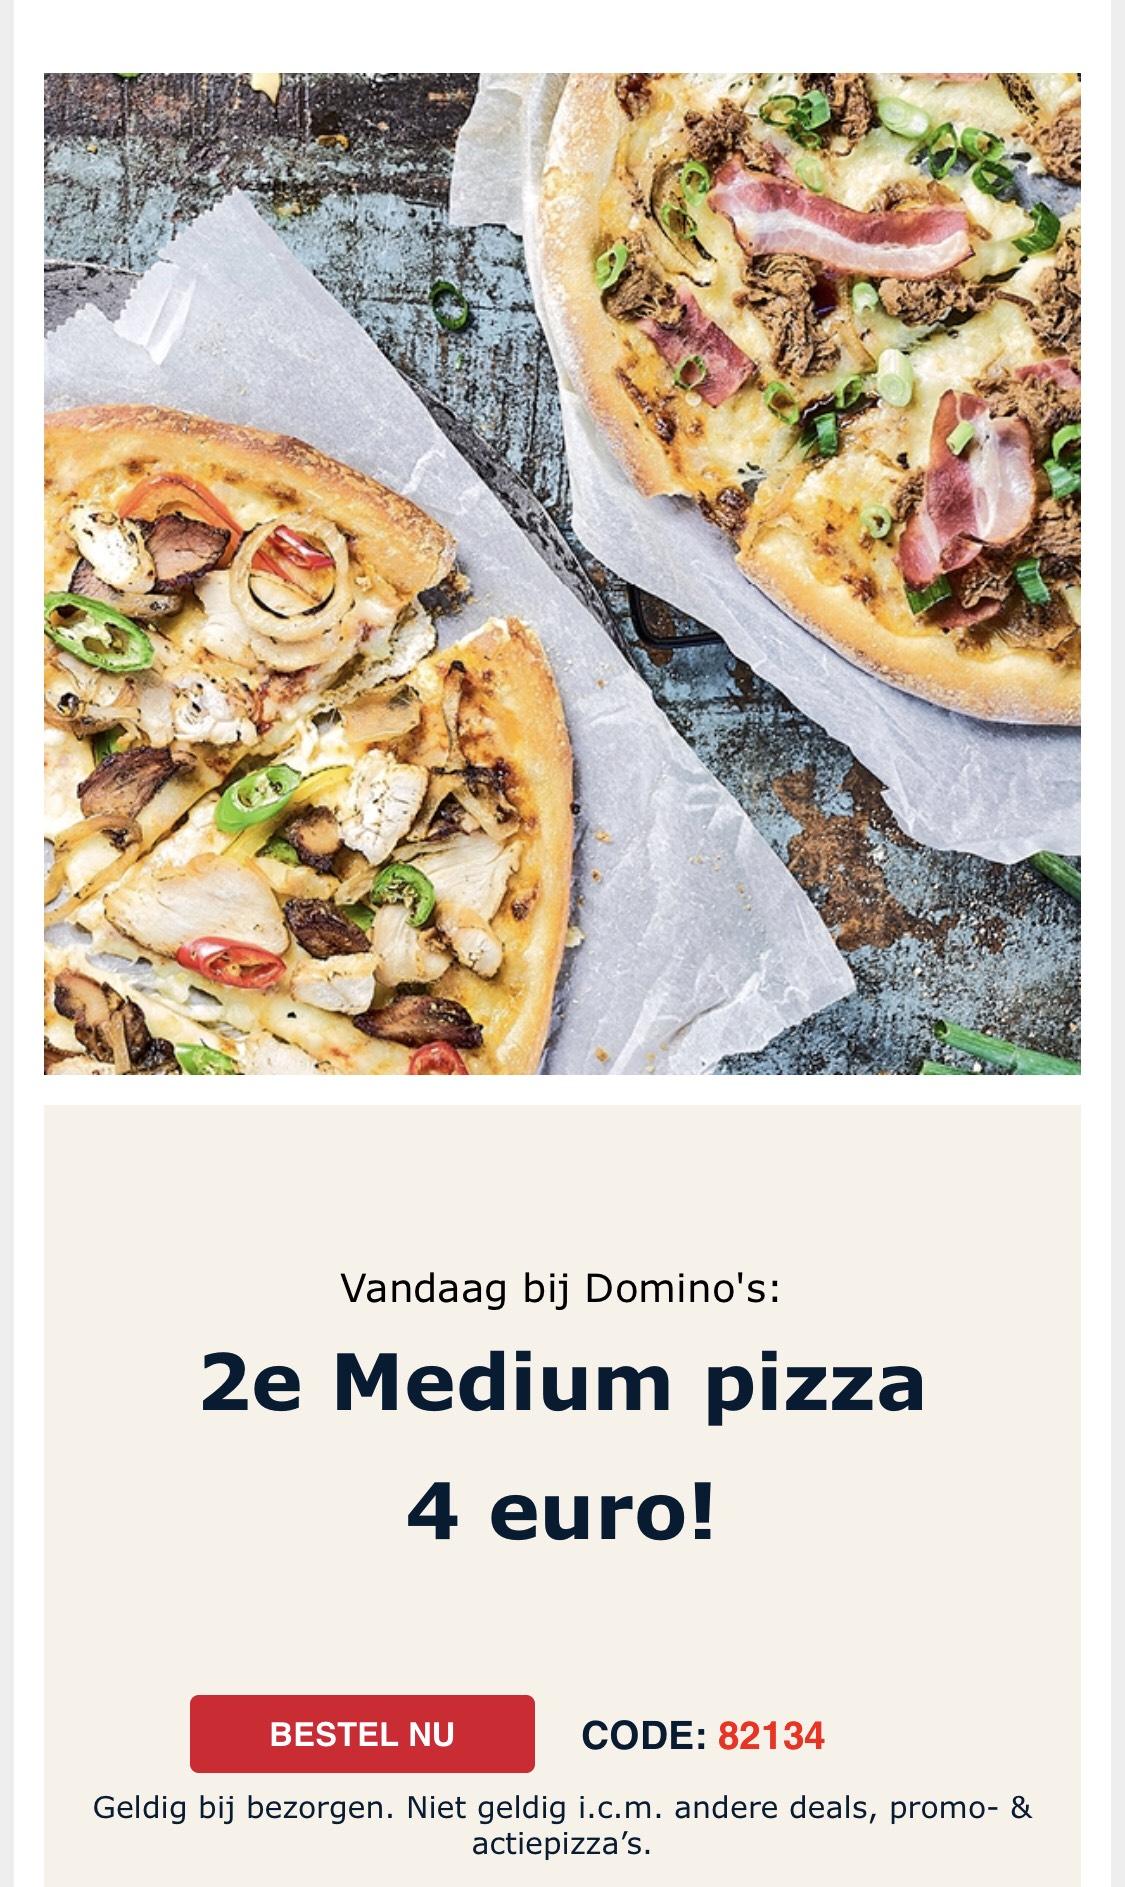 Tweede medium pizza 4 euro